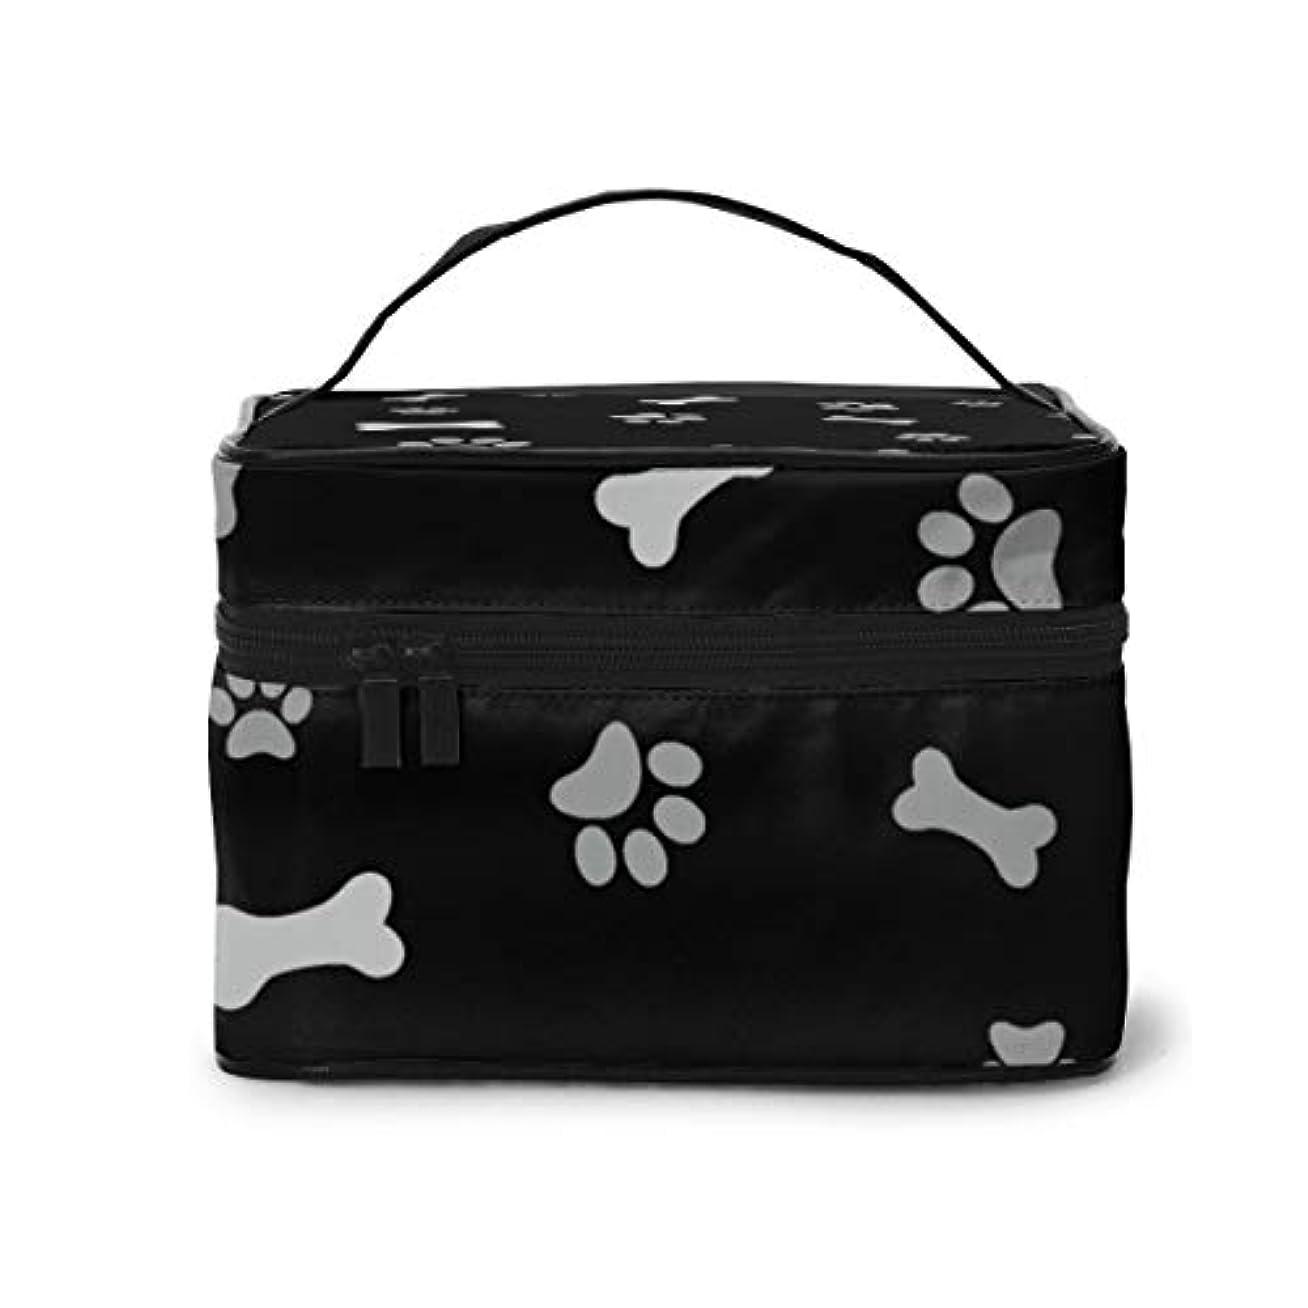 持続するホバー灌漑メイクポーチ 化粧ポーチ コスメバッグ バニティケース トラベルポーチ 犬 イヌ 骨 足 雑貨 小物入れ 出張用 超軽量 機能的 大容量 収納ボックス